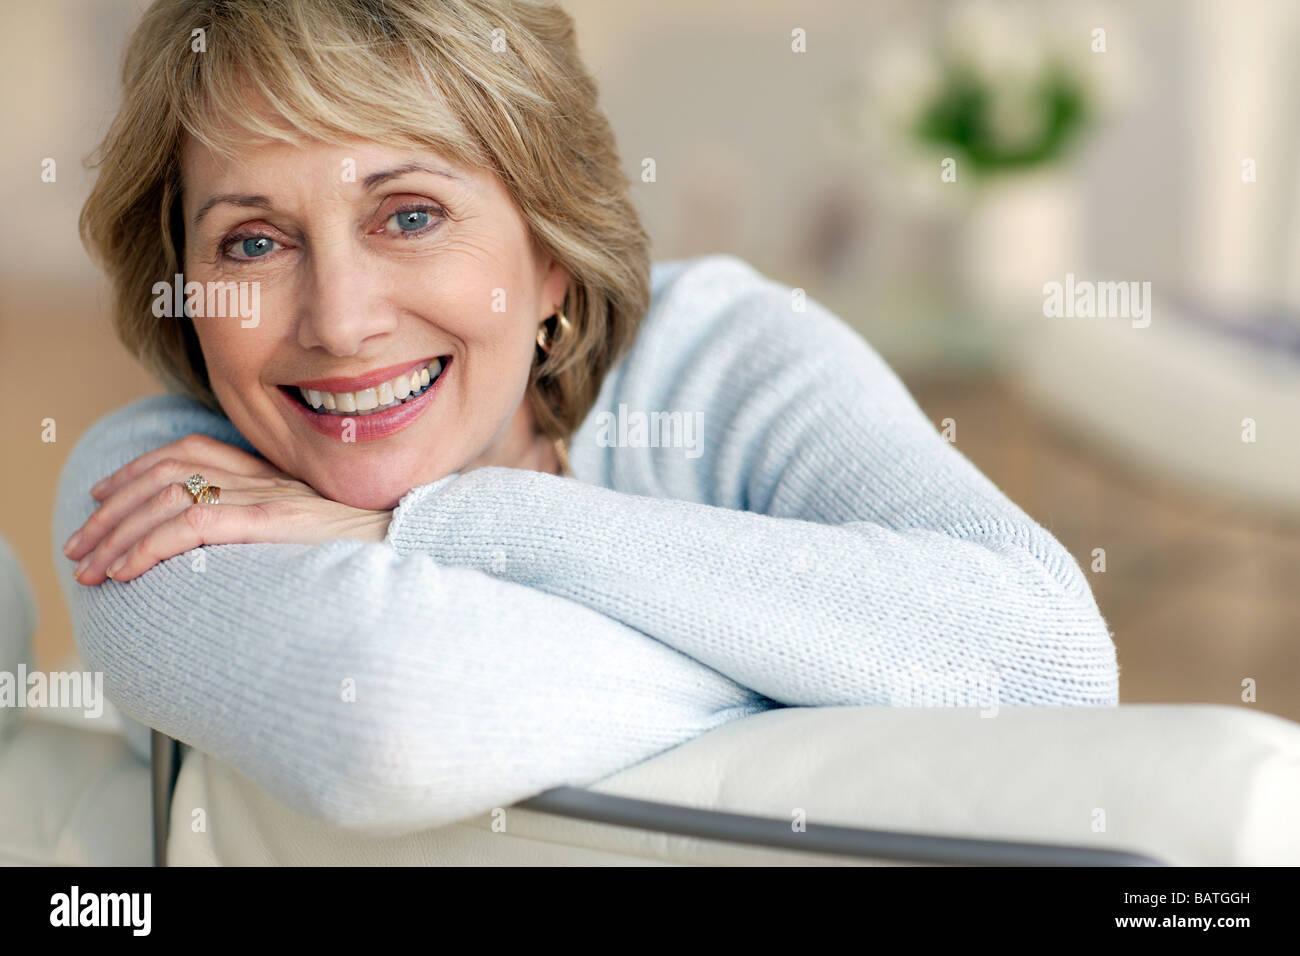 Happy woman. - Stock Image